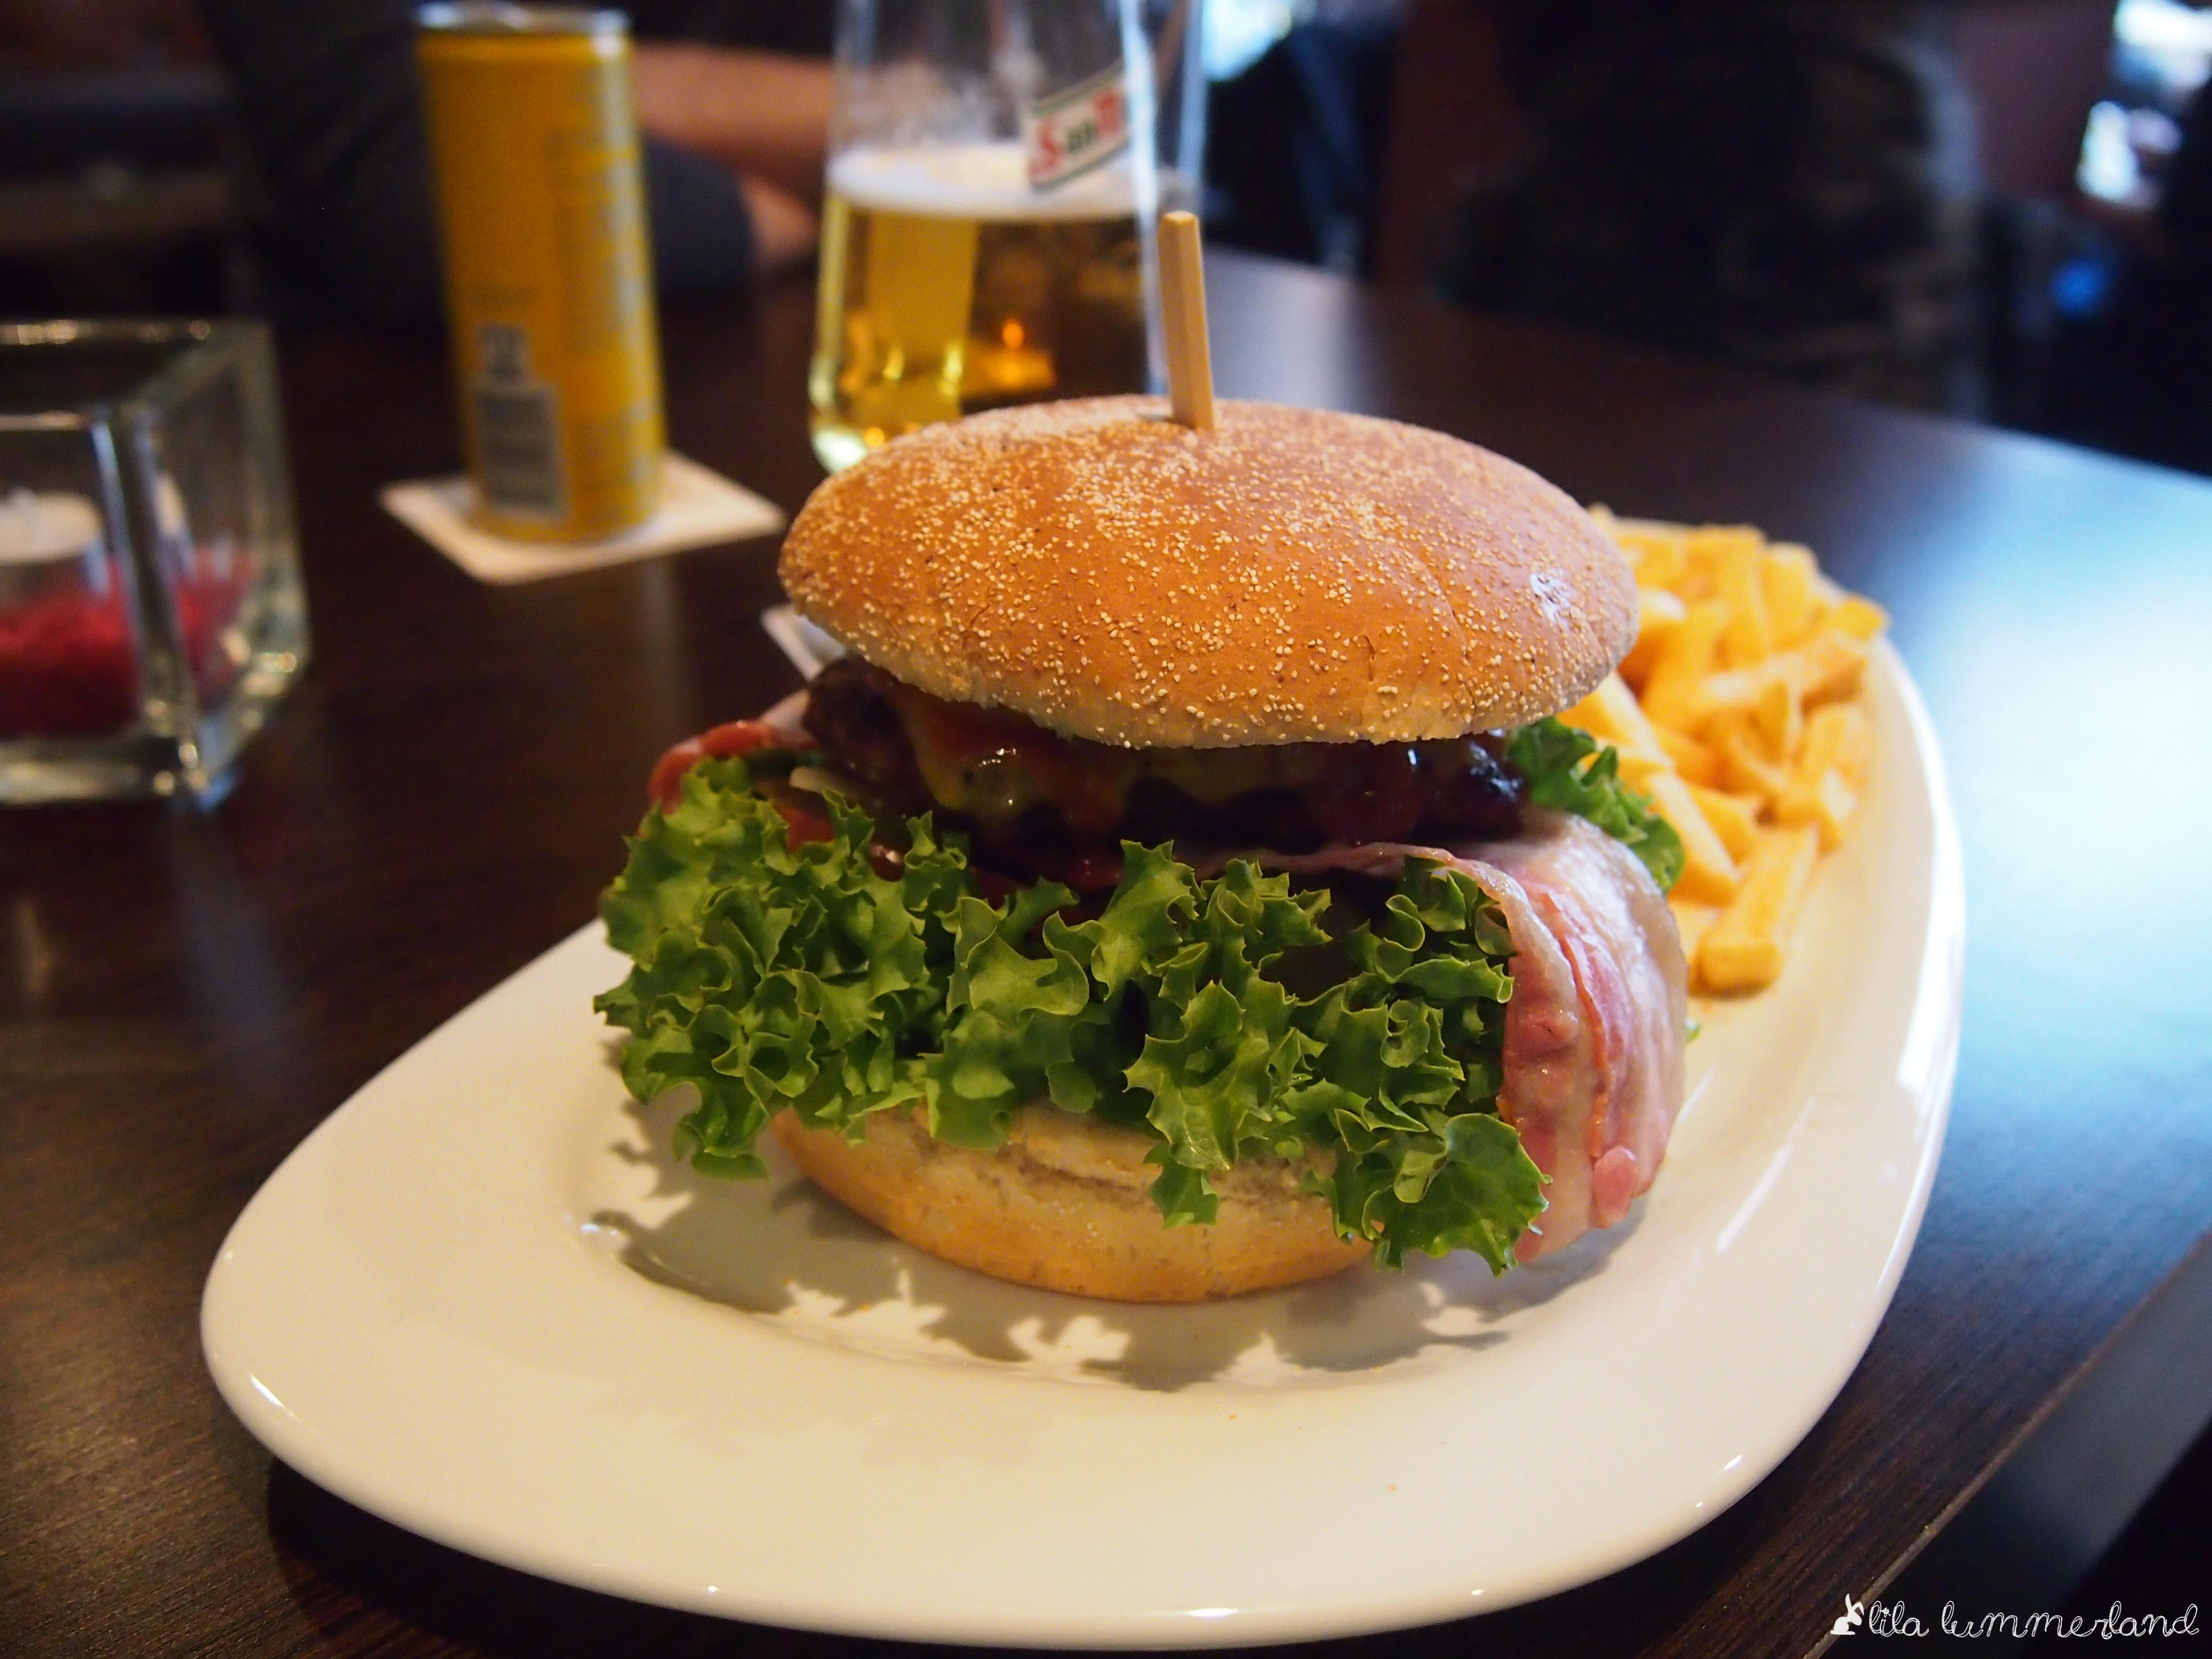 Dinner Dienstag: Burger essen bei Herrn Lehmann – Lila Lummerland